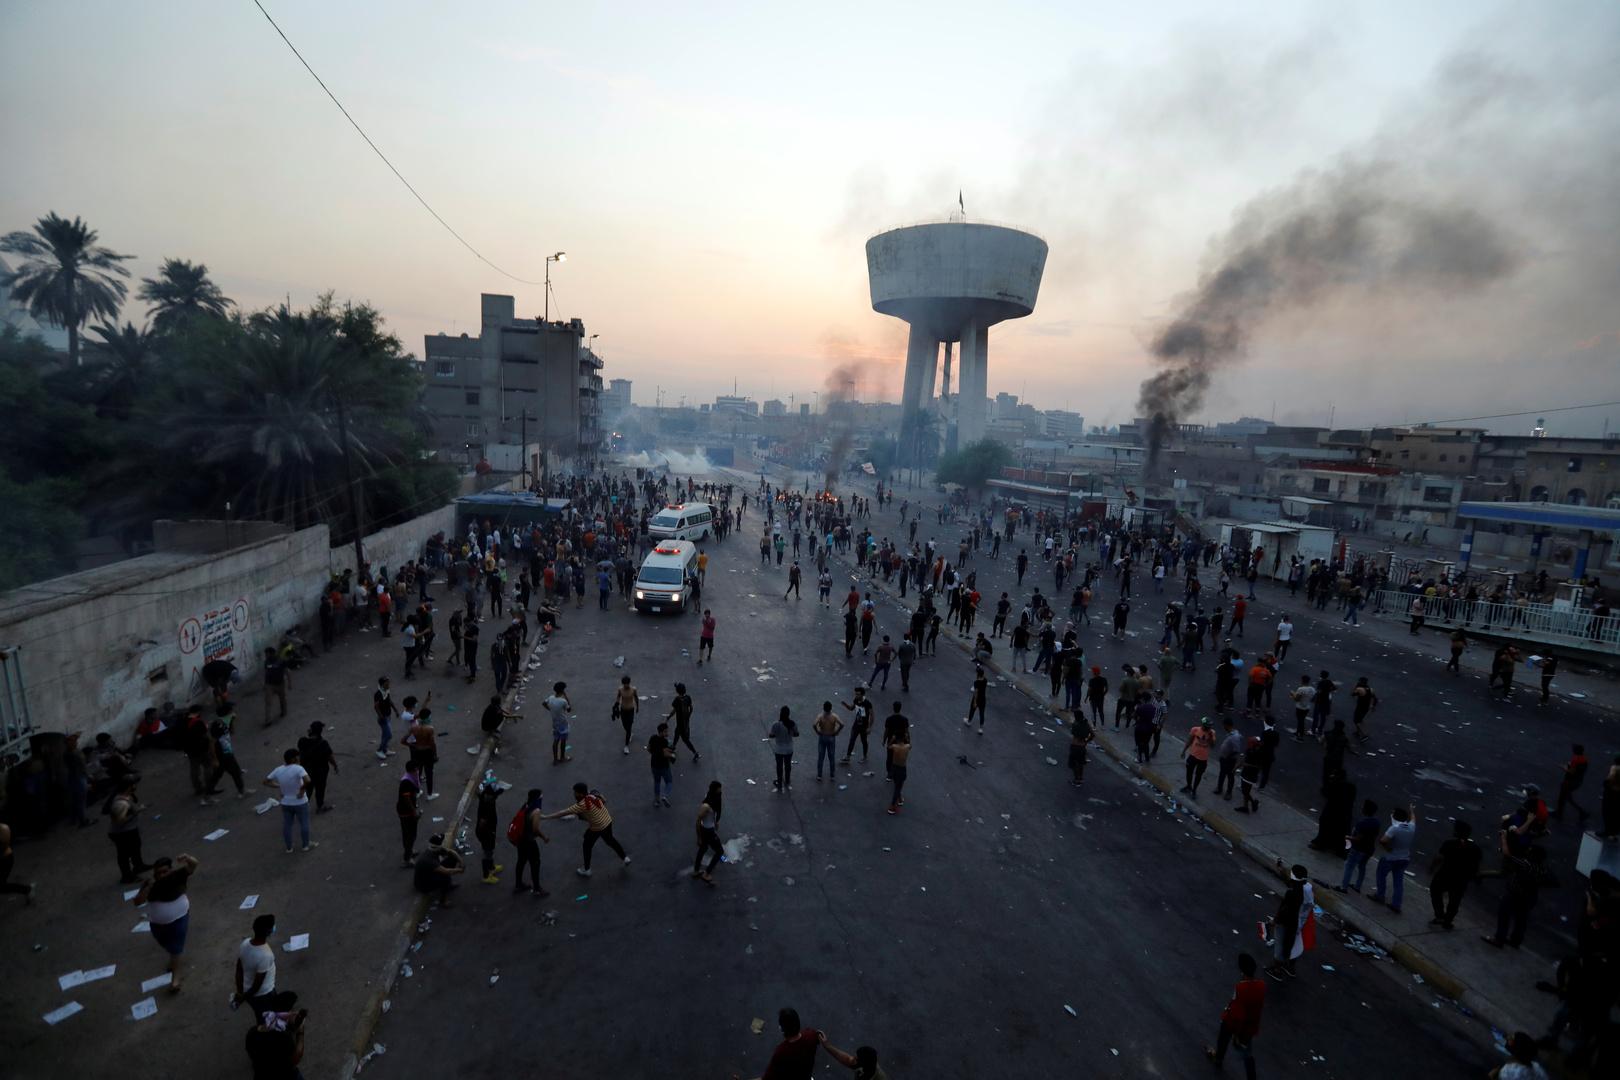 حصيلة ضحايا احتجاجات العراق تتجاوز الـ300 قتيل